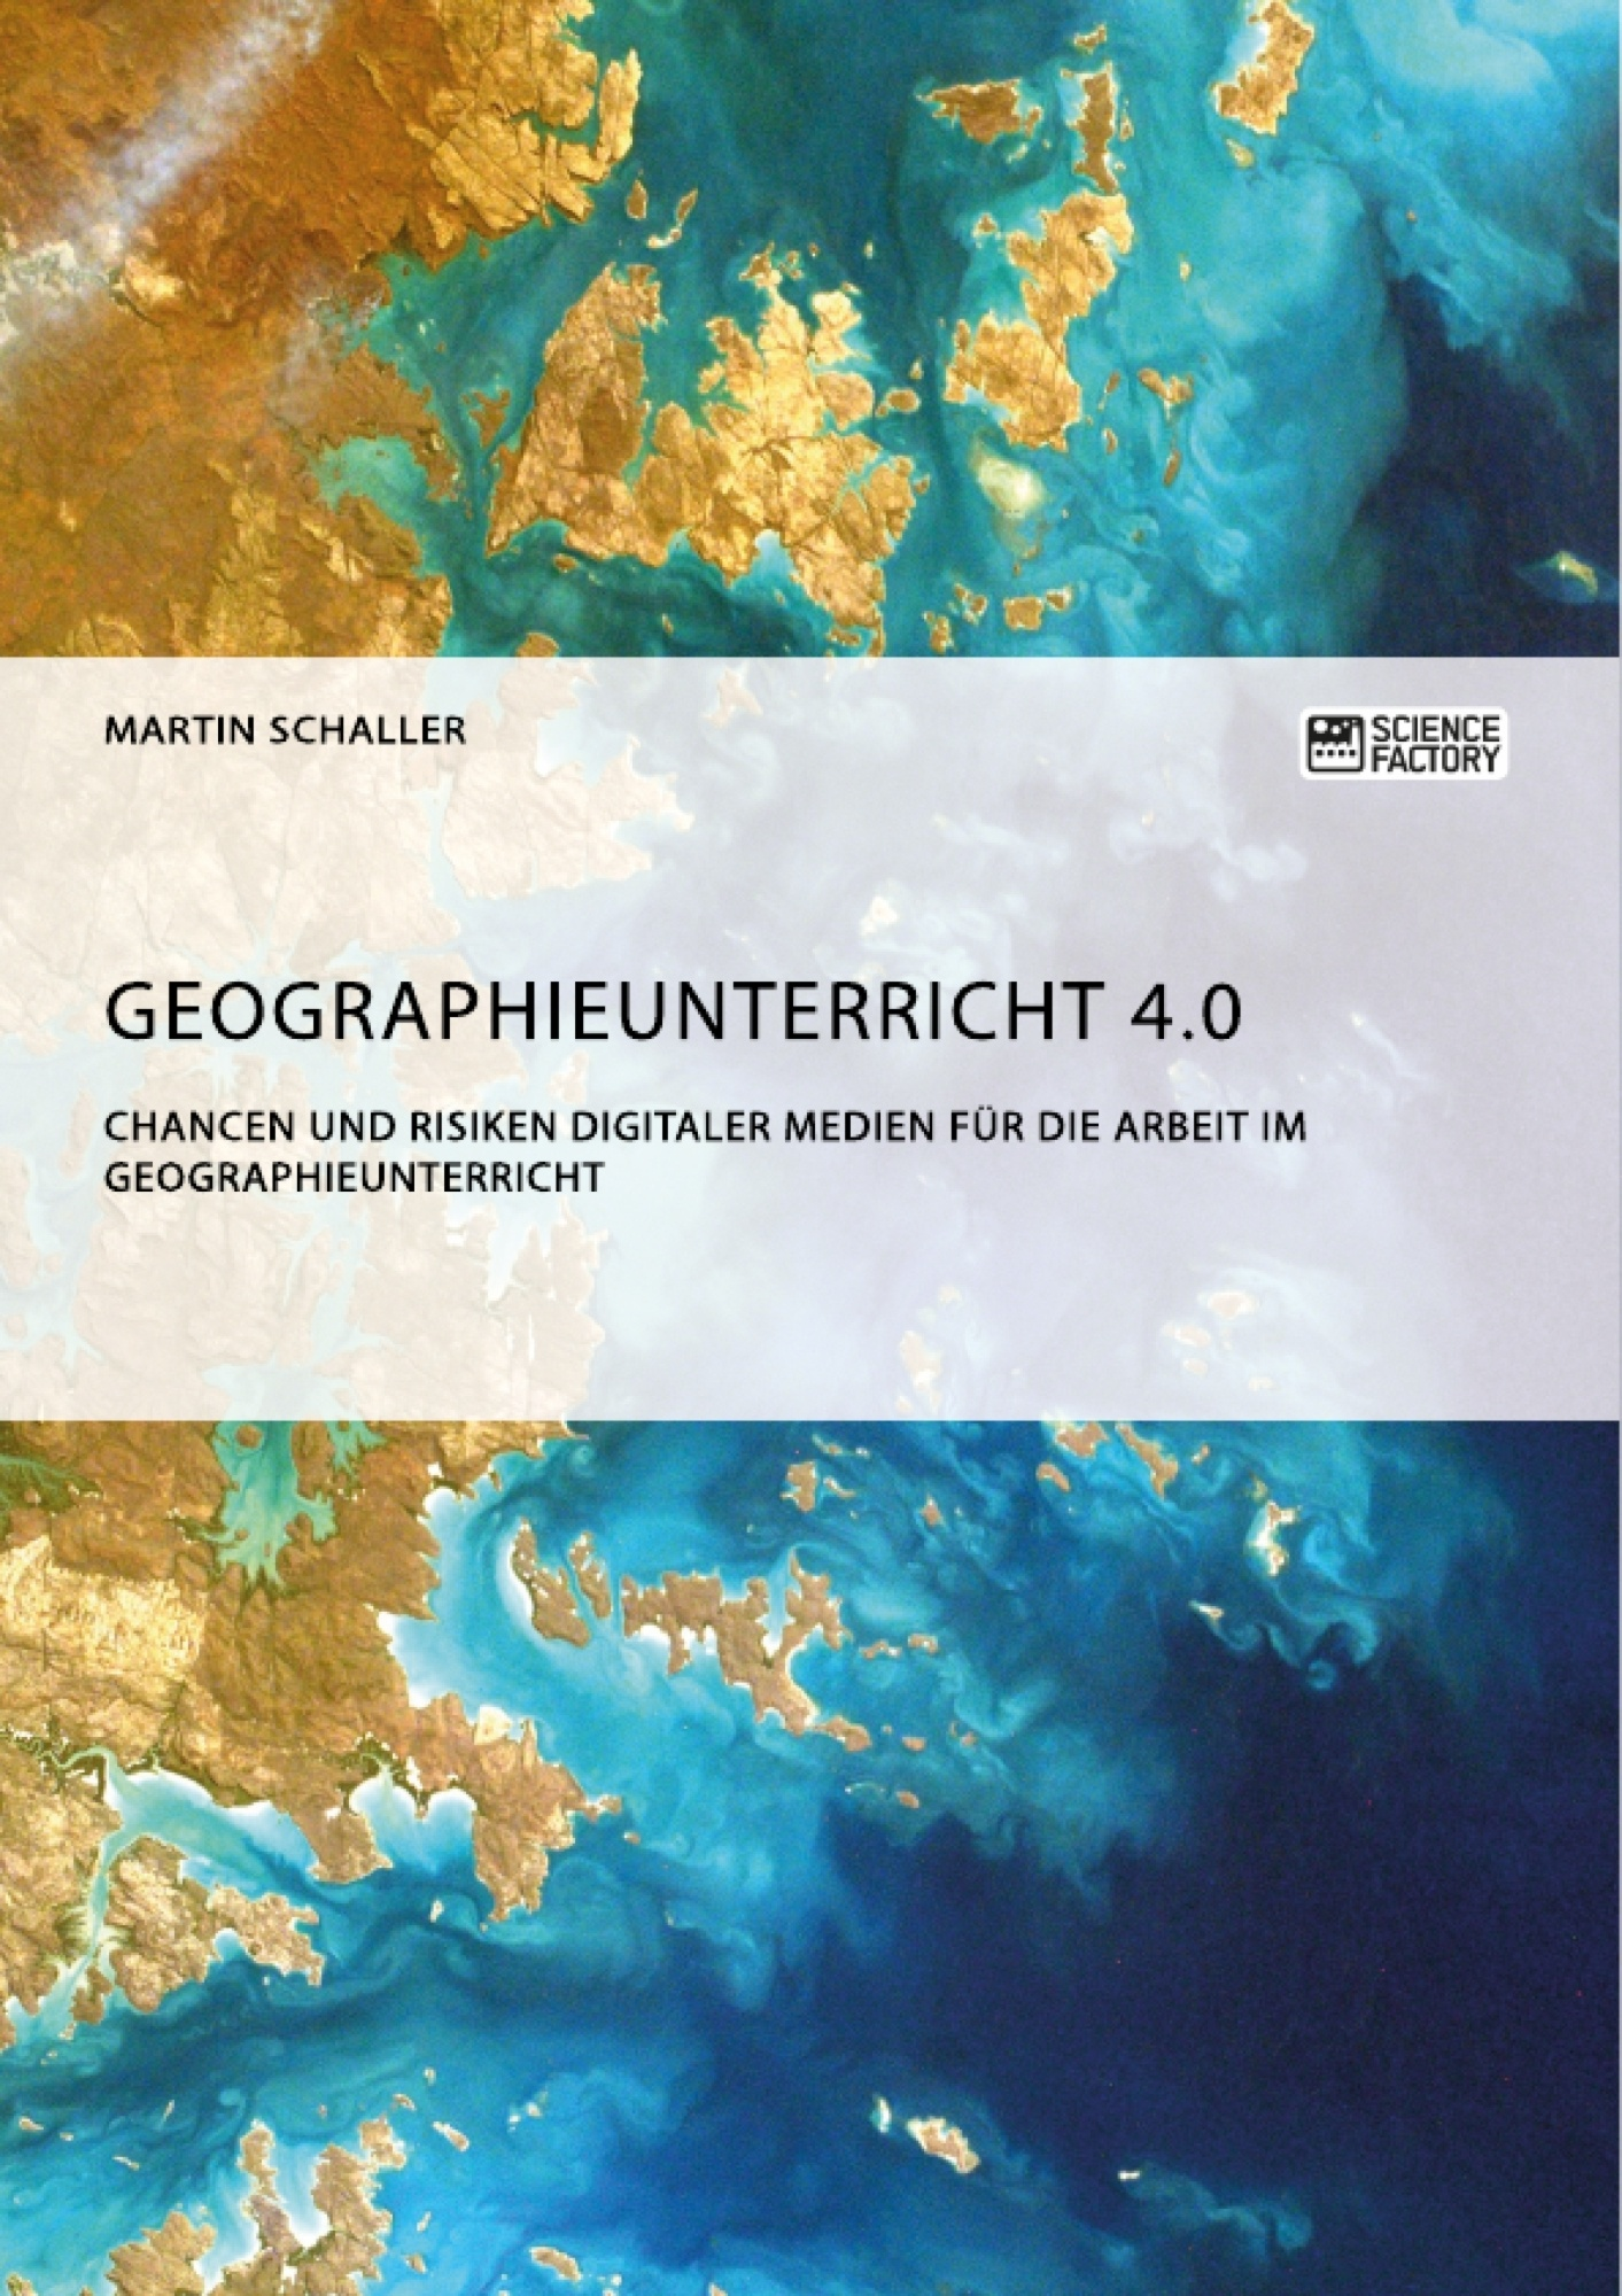 Titel: Geographieunterricht 4.0: Chancen und Risiken digitaler Medien für die Arbeit im Geographieunterricht